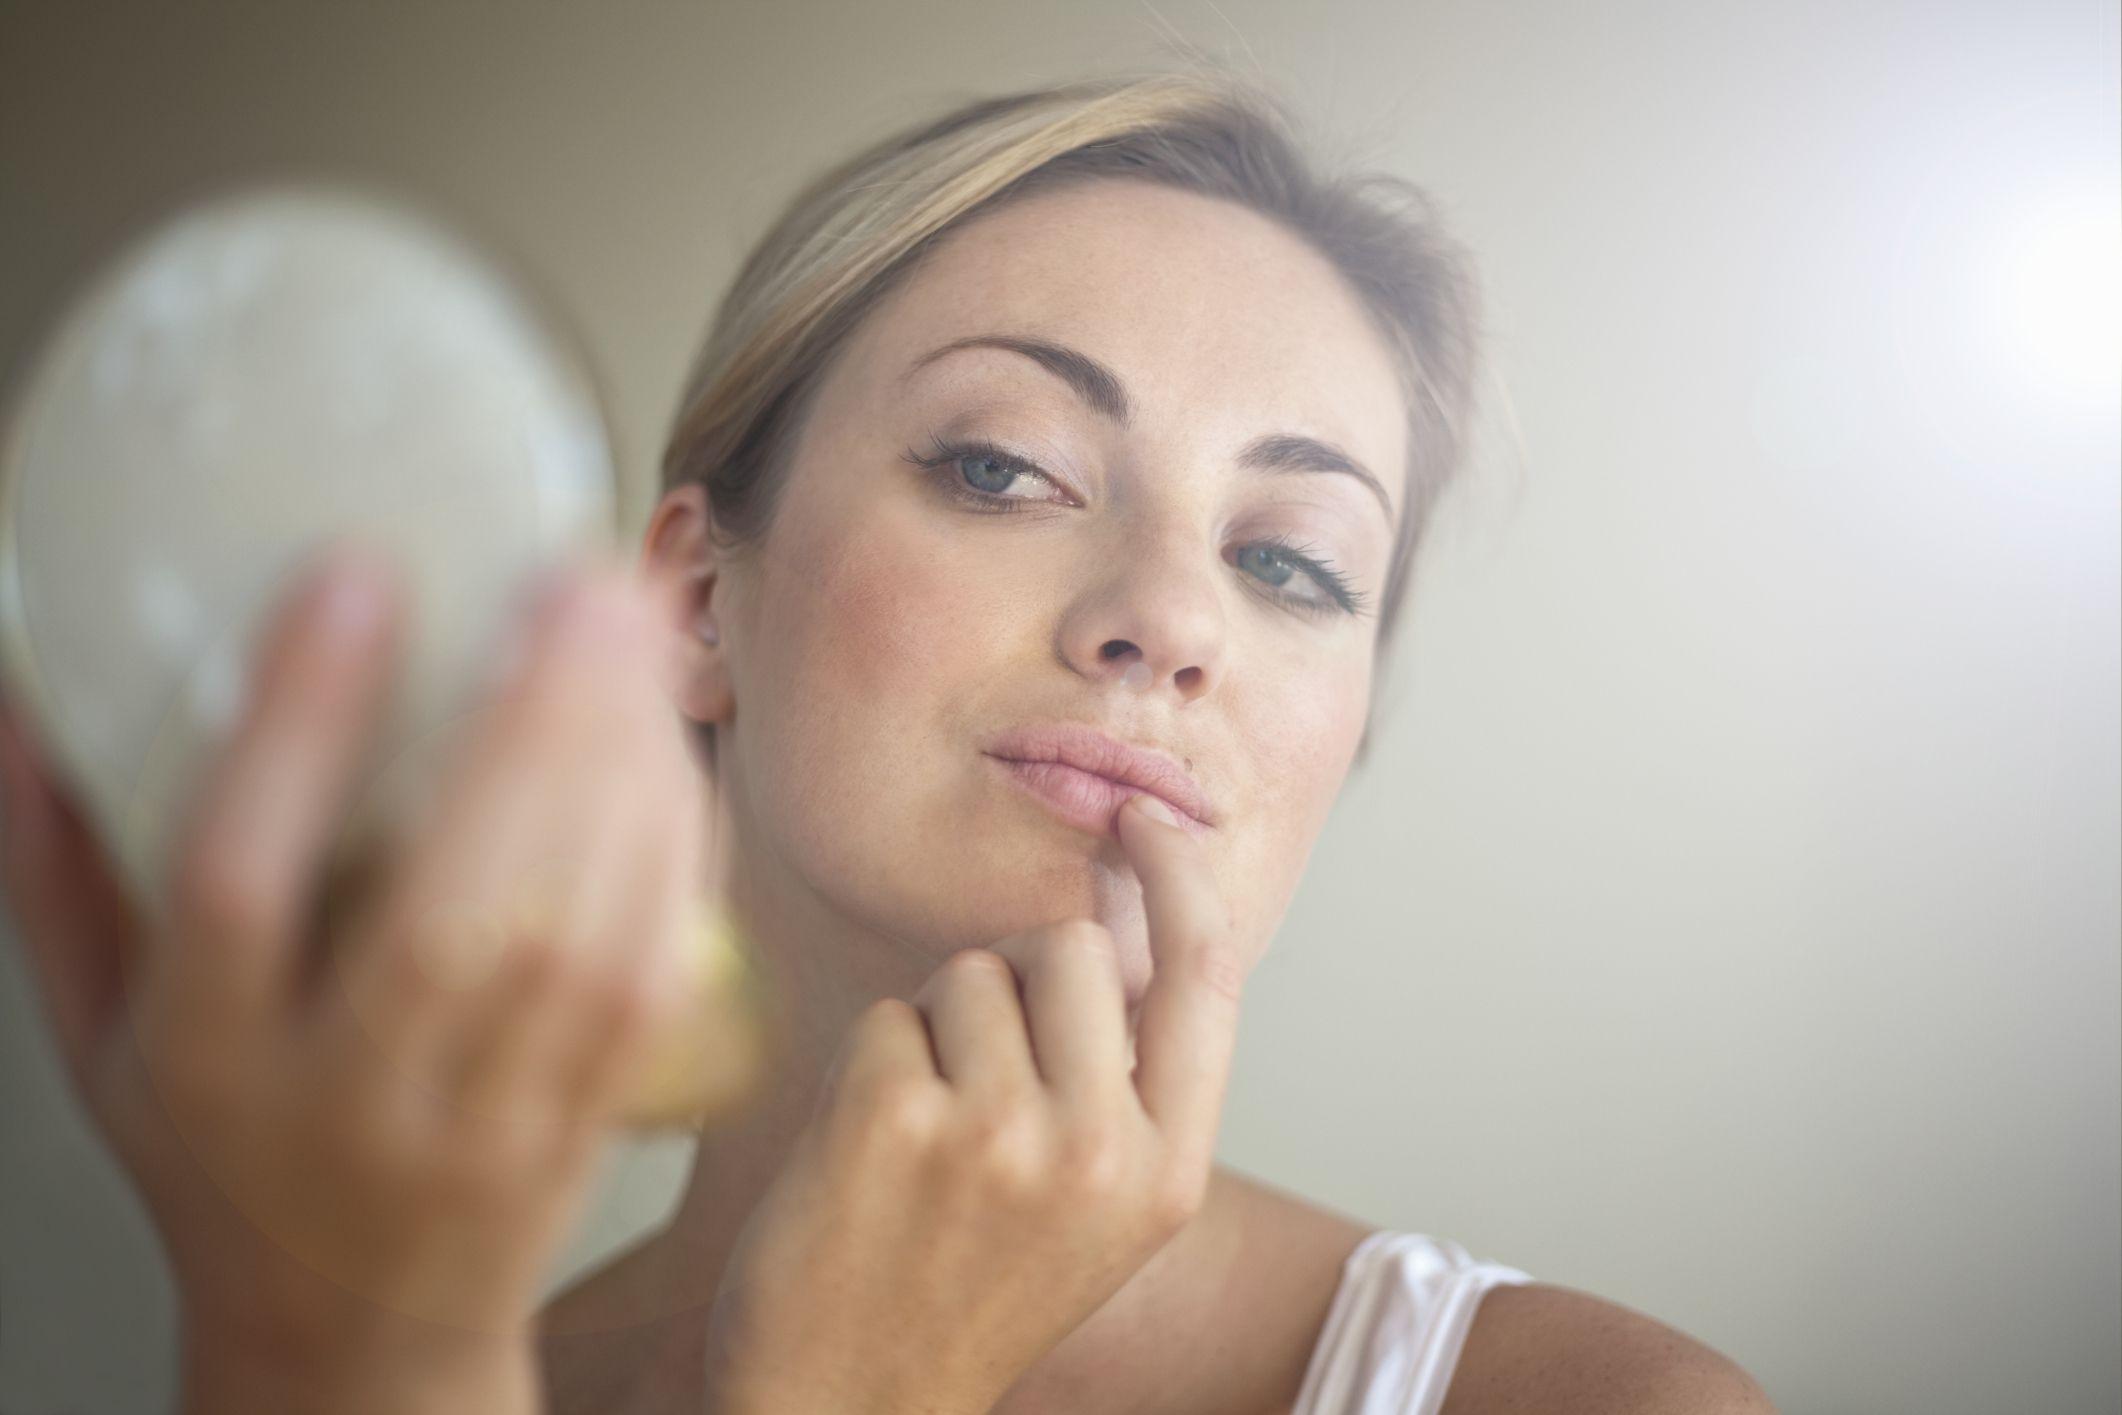 skin-damage-wearing-makeup-to-the-gym